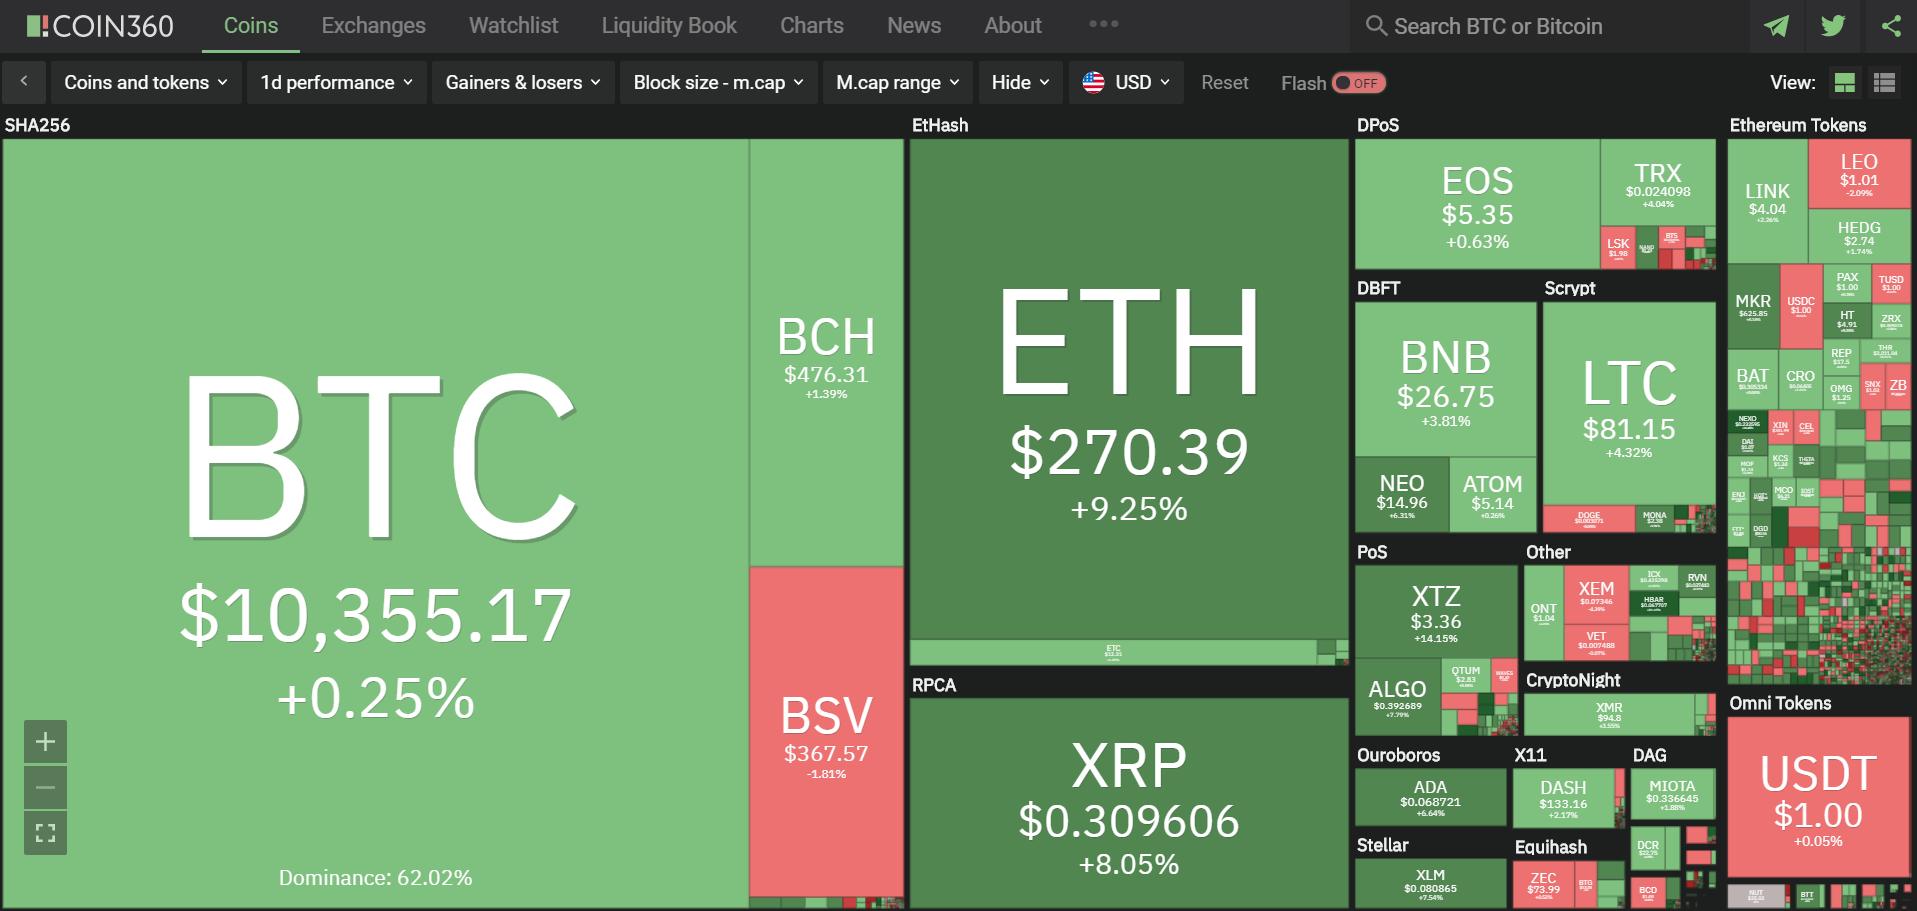 Toàn cảnh thị trường tiền kĩ thuật số hôm nay (13/2) (Nguồn: Coin360.com)